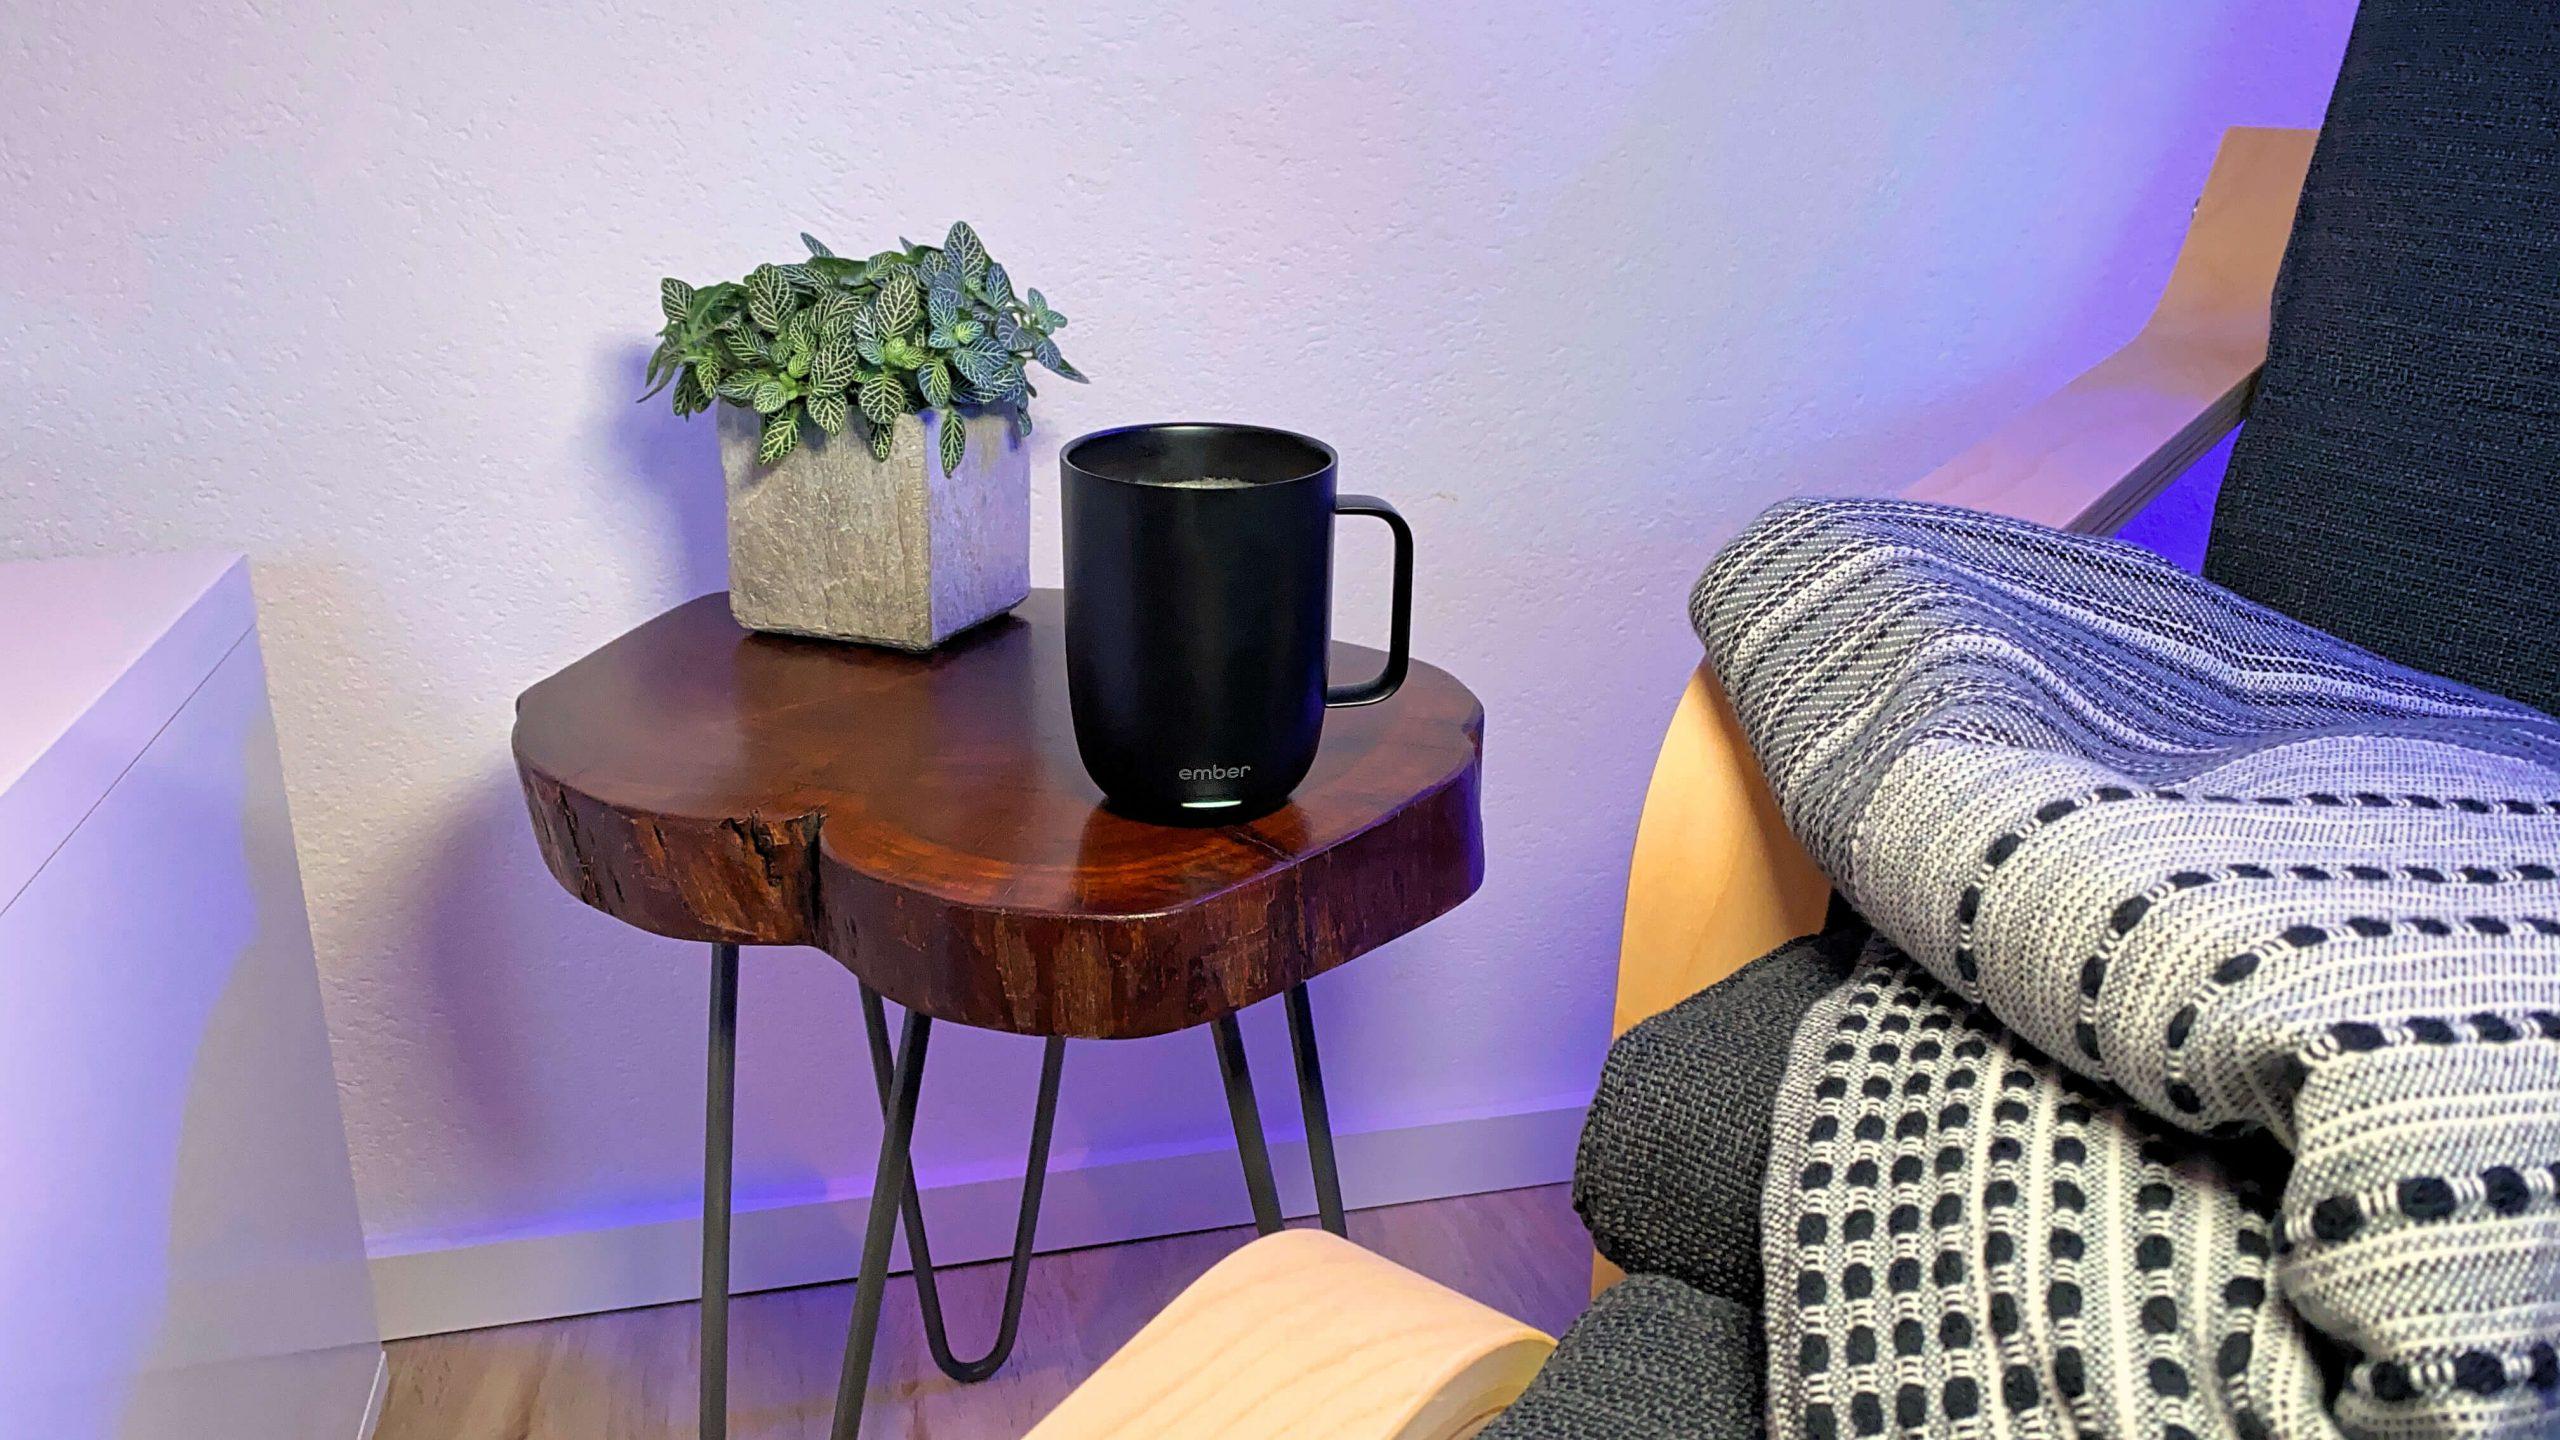 Ember_Mug_Tasse_smart_Review7-scaled Ember Mug² - die Tasse, die dein Heißgetränk durchgehend warm hält